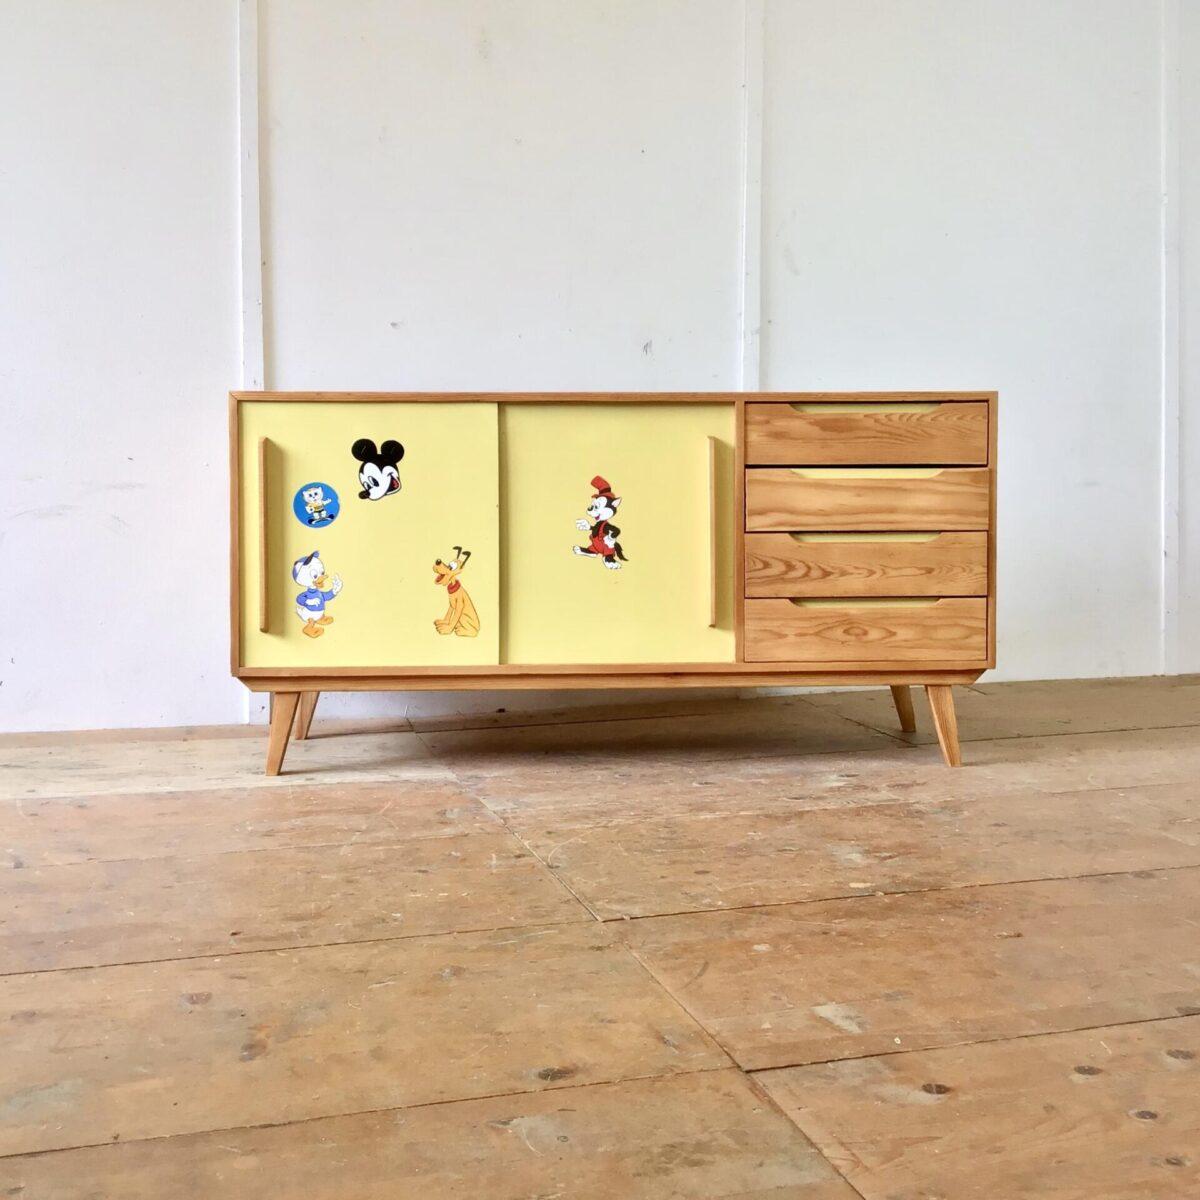 Deuxieme.shop Tannenholz Sideboard aus den 60er 70er Jahren. 150x44.5cm Höhe 75cm. Die Schiebetüren sind aus gelbem Kunstharz (Kelko). Die Aufkleber aus der Zeit, lassen sich natürlich entfernen, solange nicht klar ist ob jemand Freude daran hat, bleiben Sie noch dran. Die Kommode ist proportional sehr ausgewogen und praktisch. Ob als Sideboard im Wohnzimmer mit TV Gerät, oder als Kleiderkommode im Kinderzimmer. Das Möbel ist sehr geräumig und funktional mit den Schubladen und Schiebetüren. Alle Vollholz Elemente sind geschliffen und mit Naturöl behandelt.